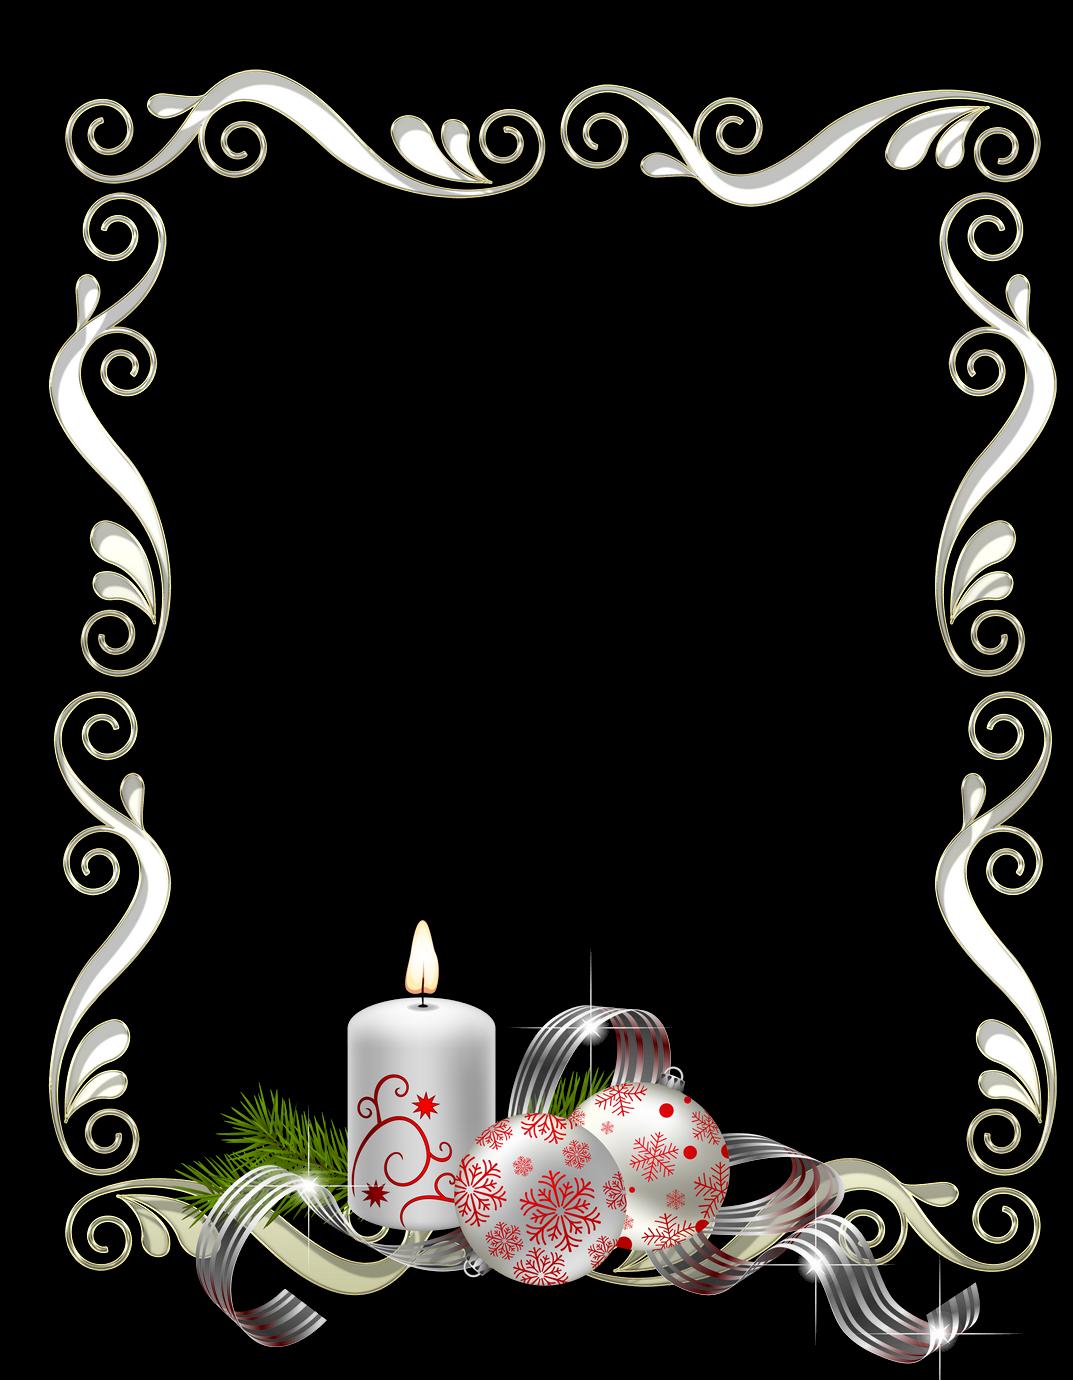 Bordes y marcos de fotos de navidad y a o nuevo marcos gratis para fotograf as - Marcos para fotos decoracion ...